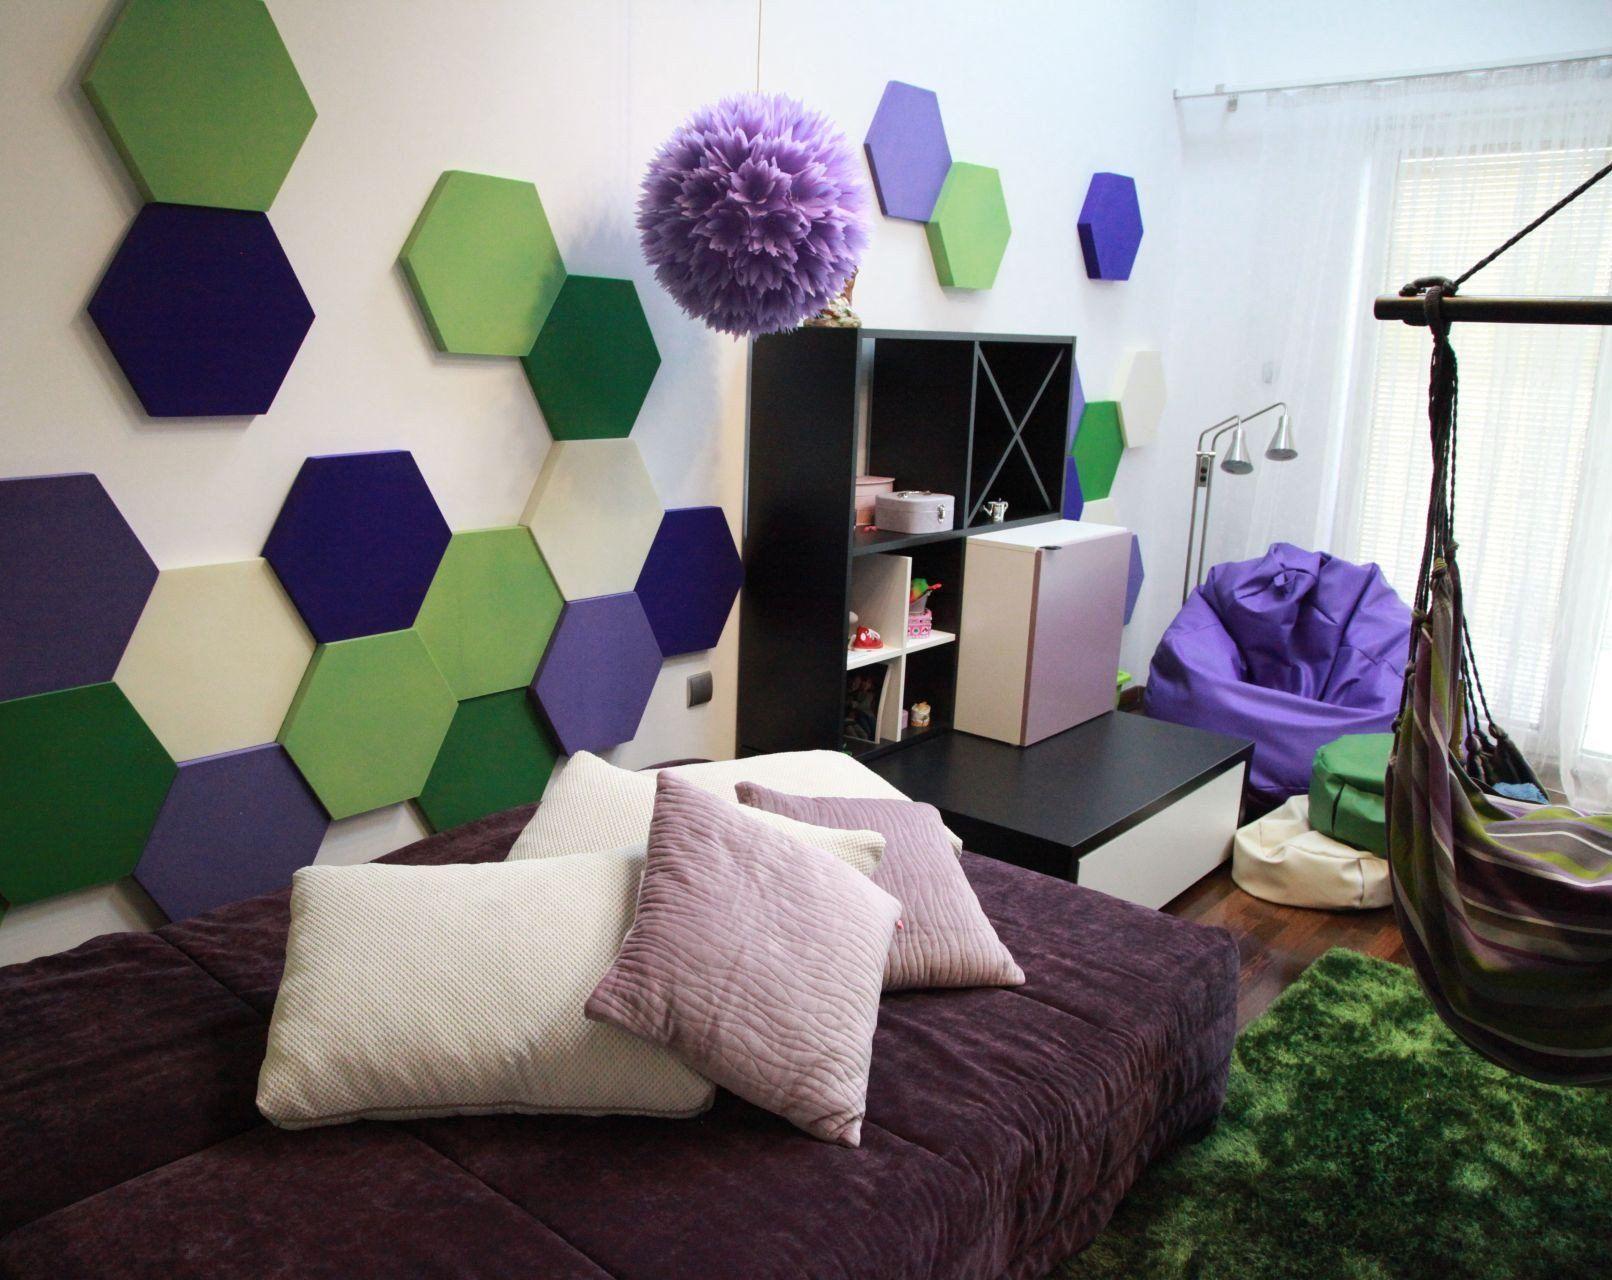 kreative wohnideen wohnzimmer